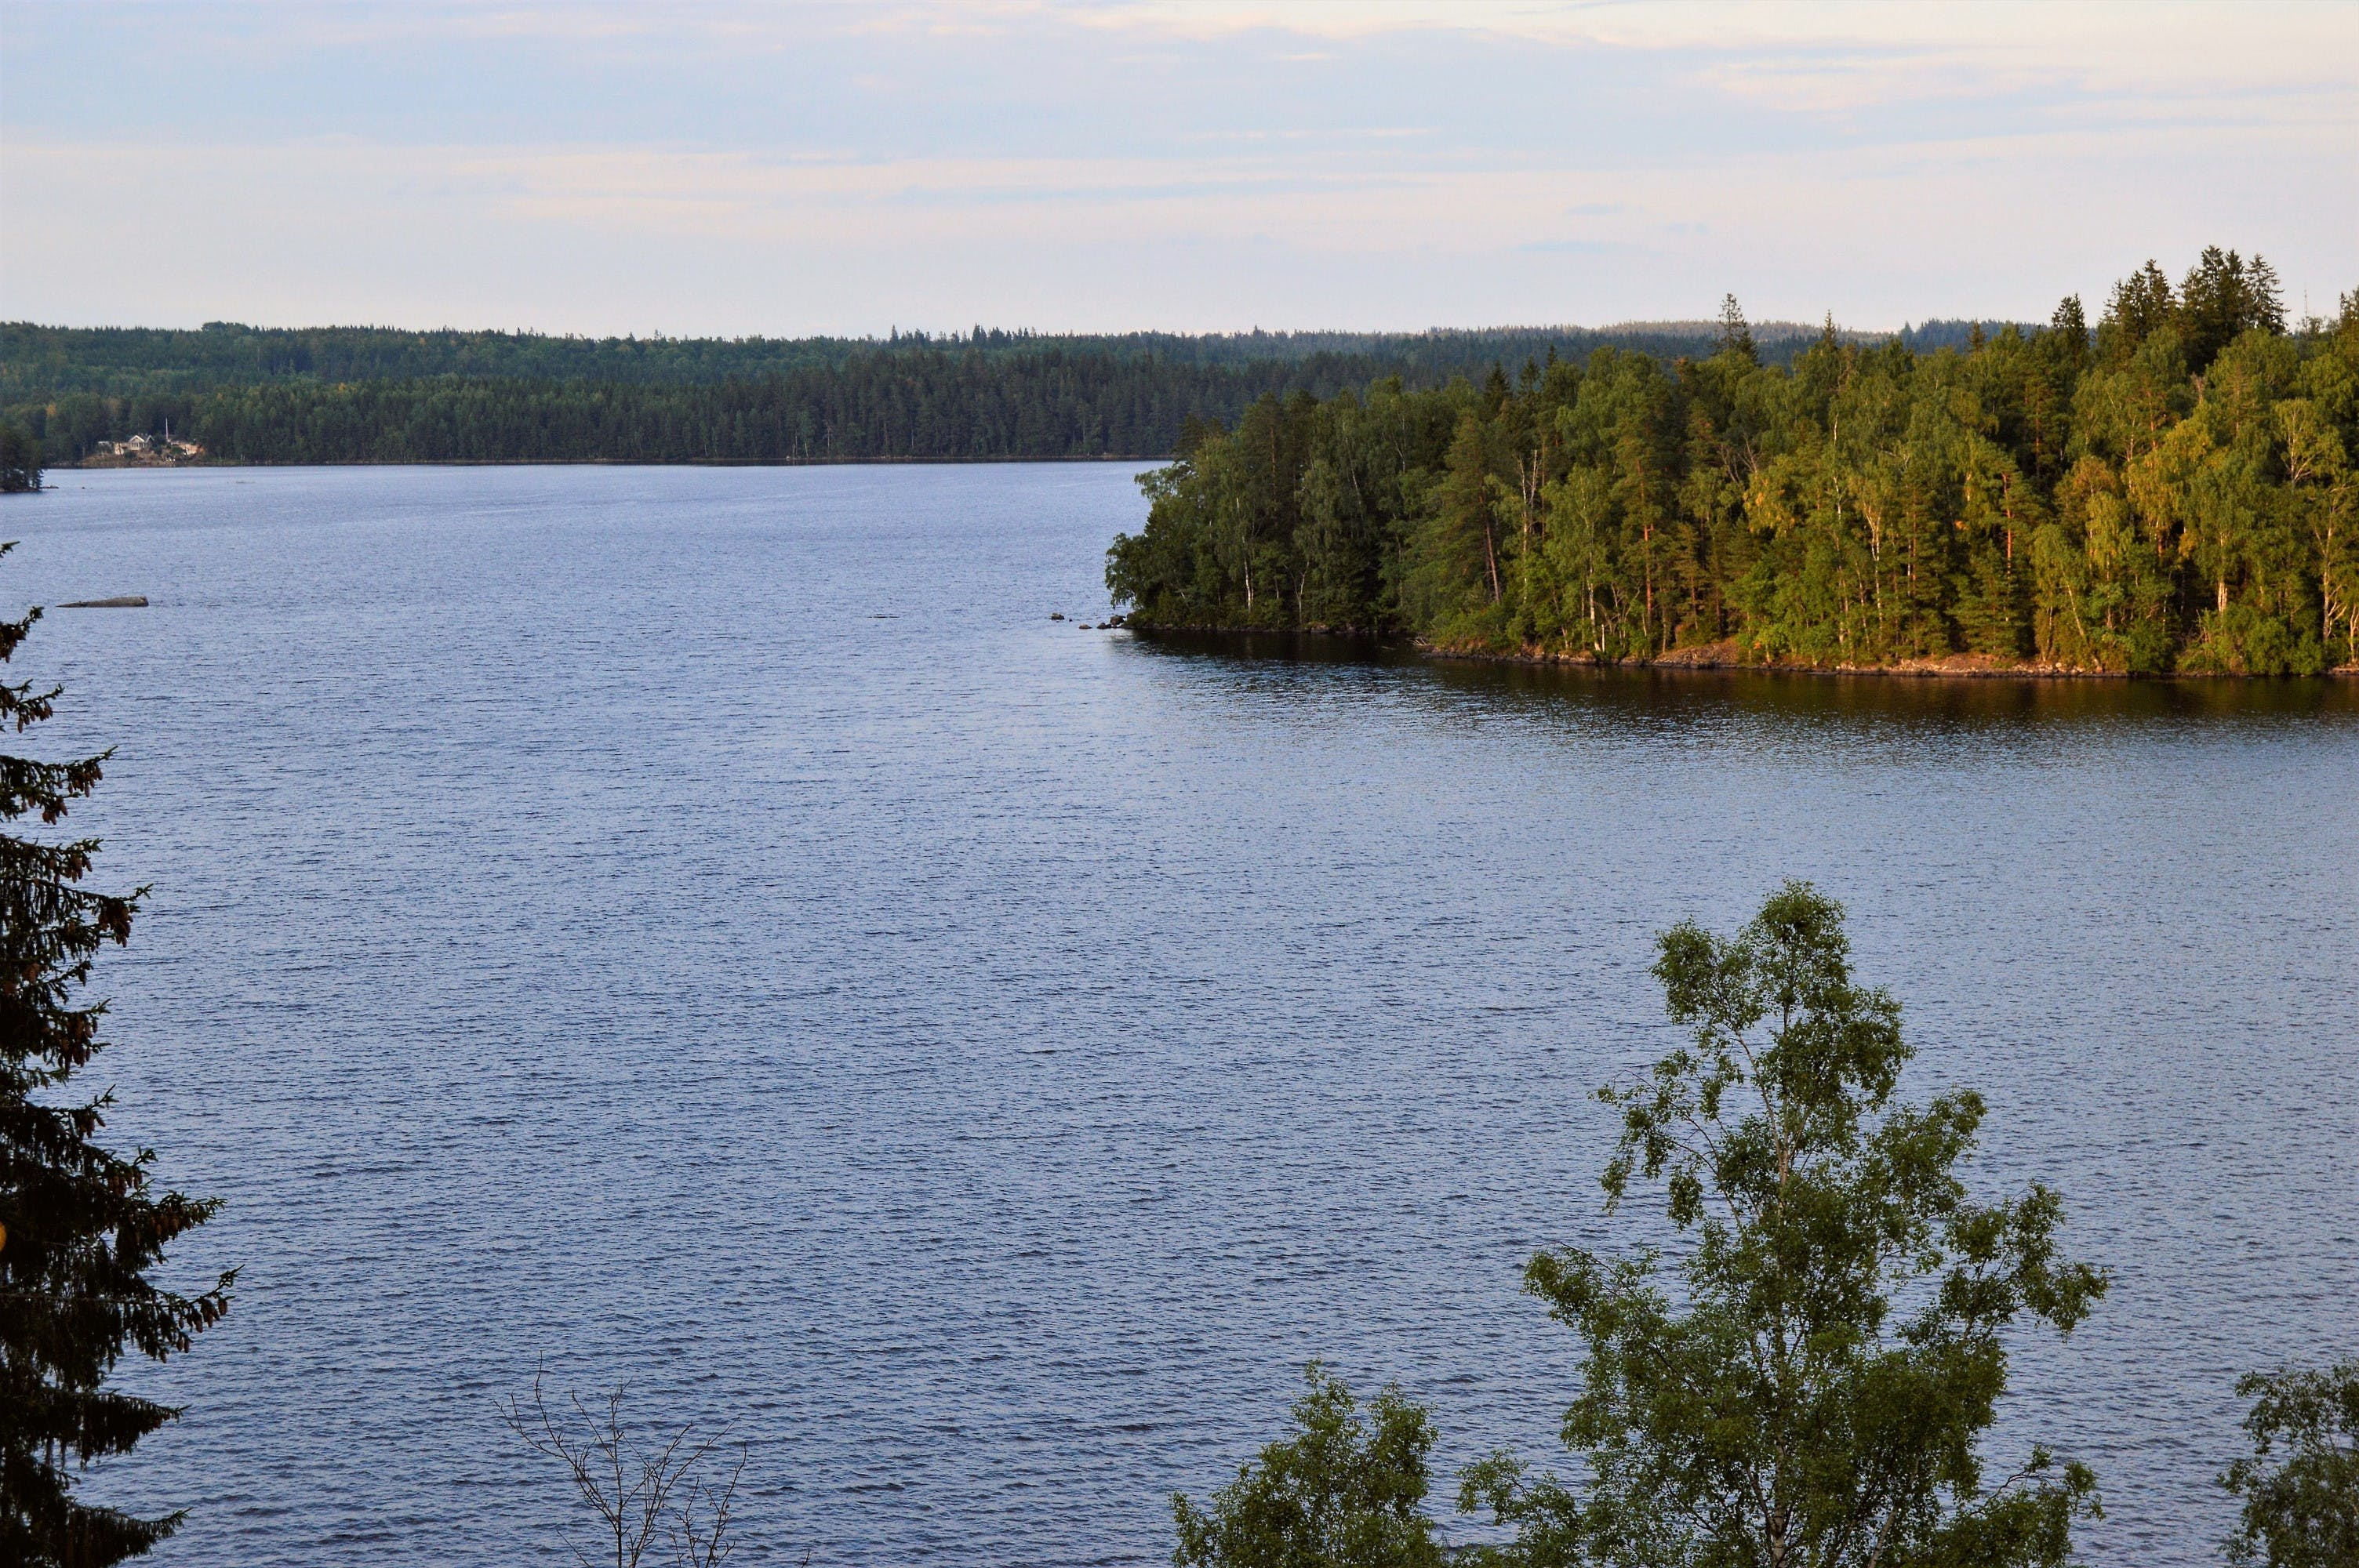 Fotos de stock gratuitas de a orillas del lago, agua, arboles, bosque